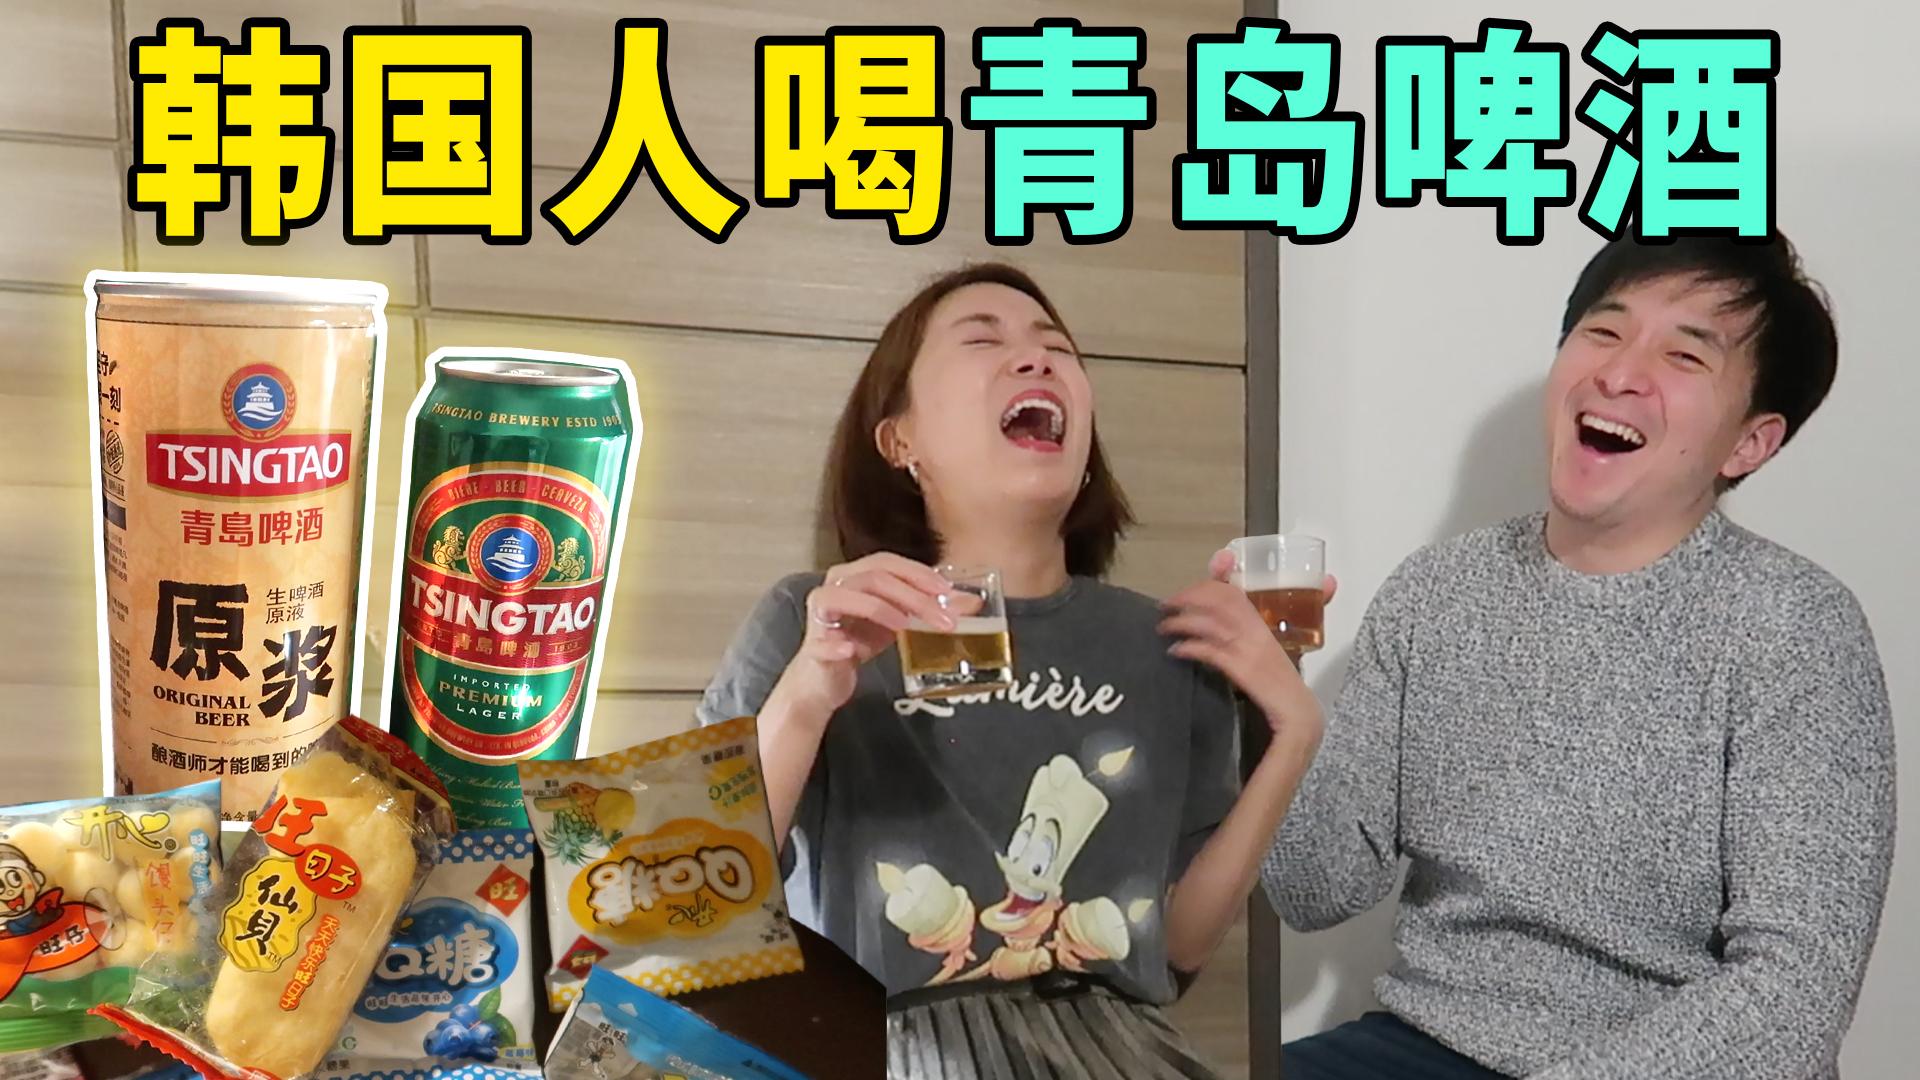 韩国人第一次喝青岛生啤,和韩国买的青岛啤酒简直两个味道?